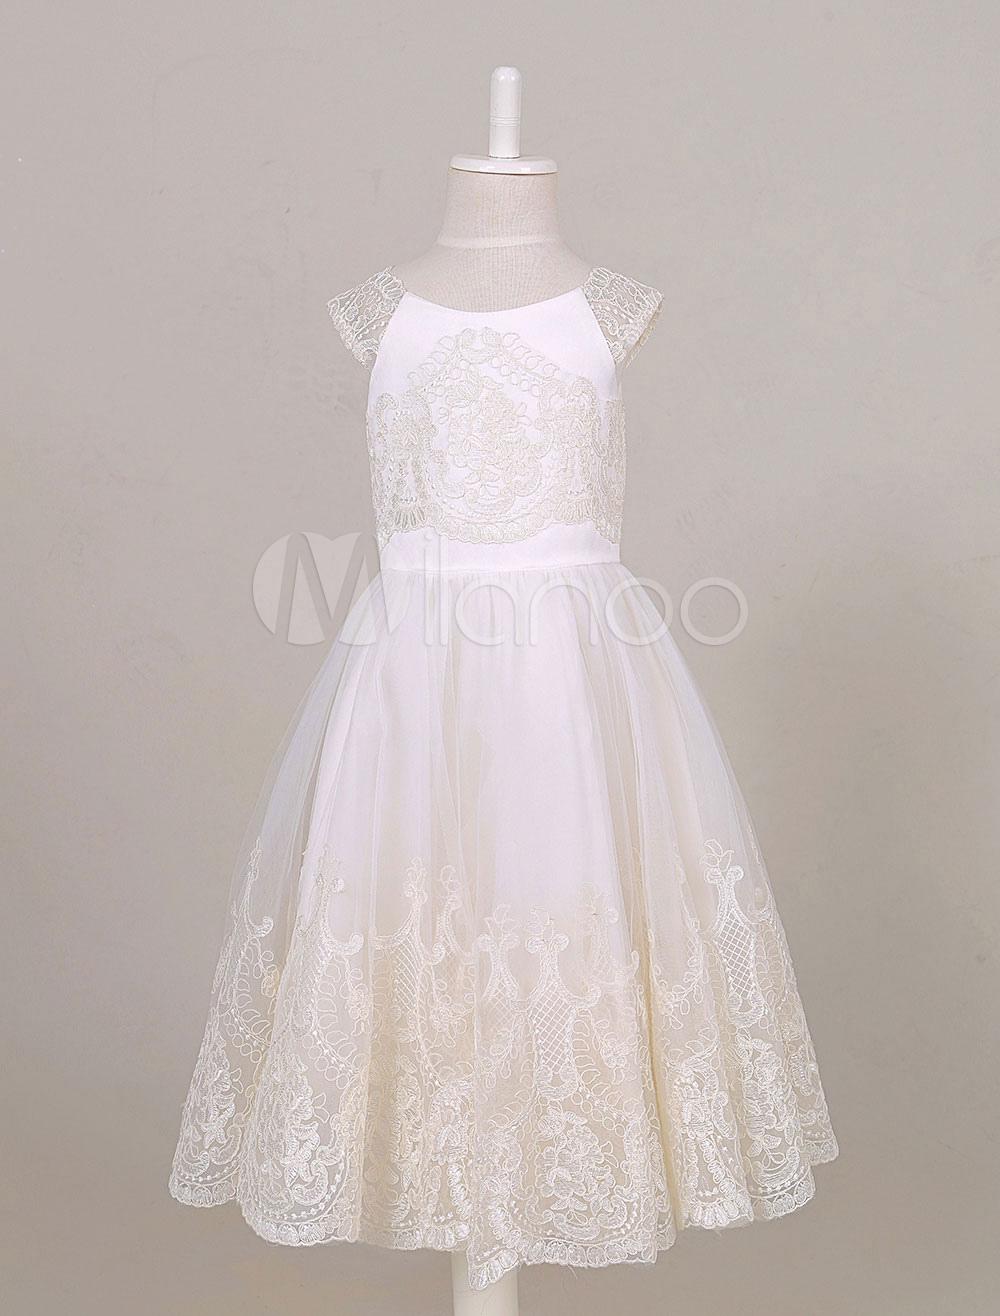 Flower Girl Dress Lace Applique Princess A-line Tea-length Toddler's Pageant Dress